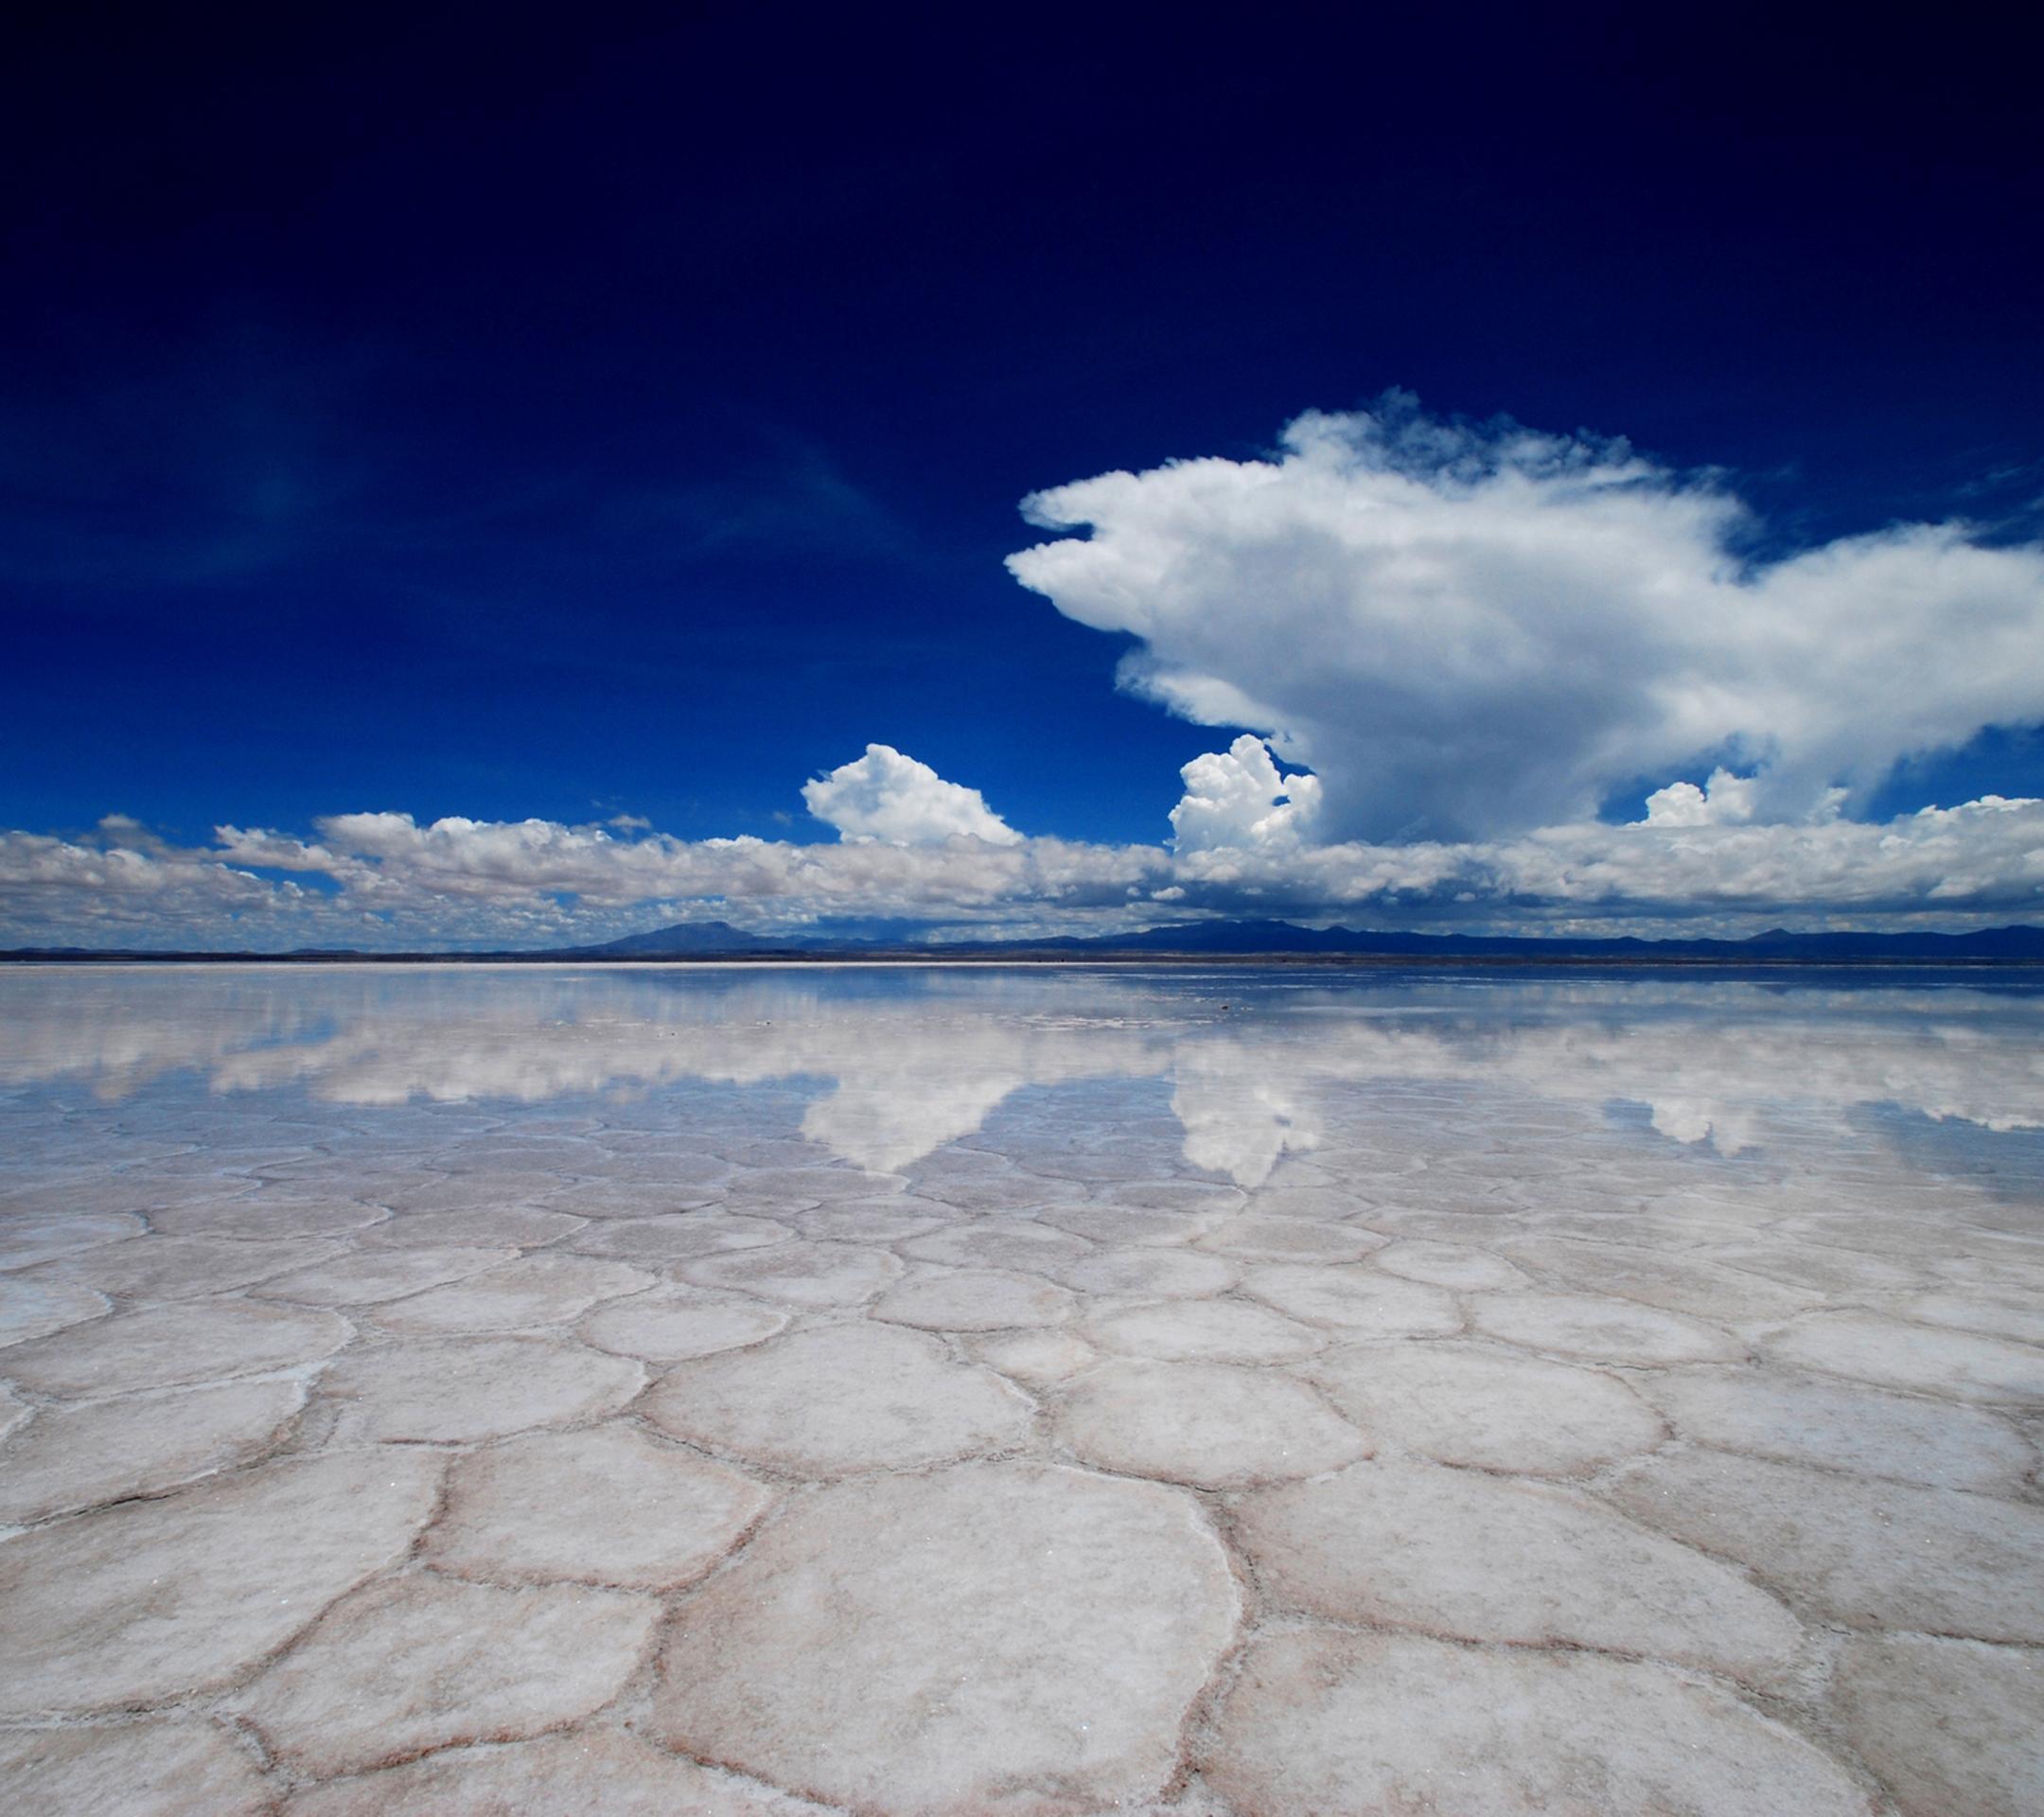 ウユニ 塩 湖 と は